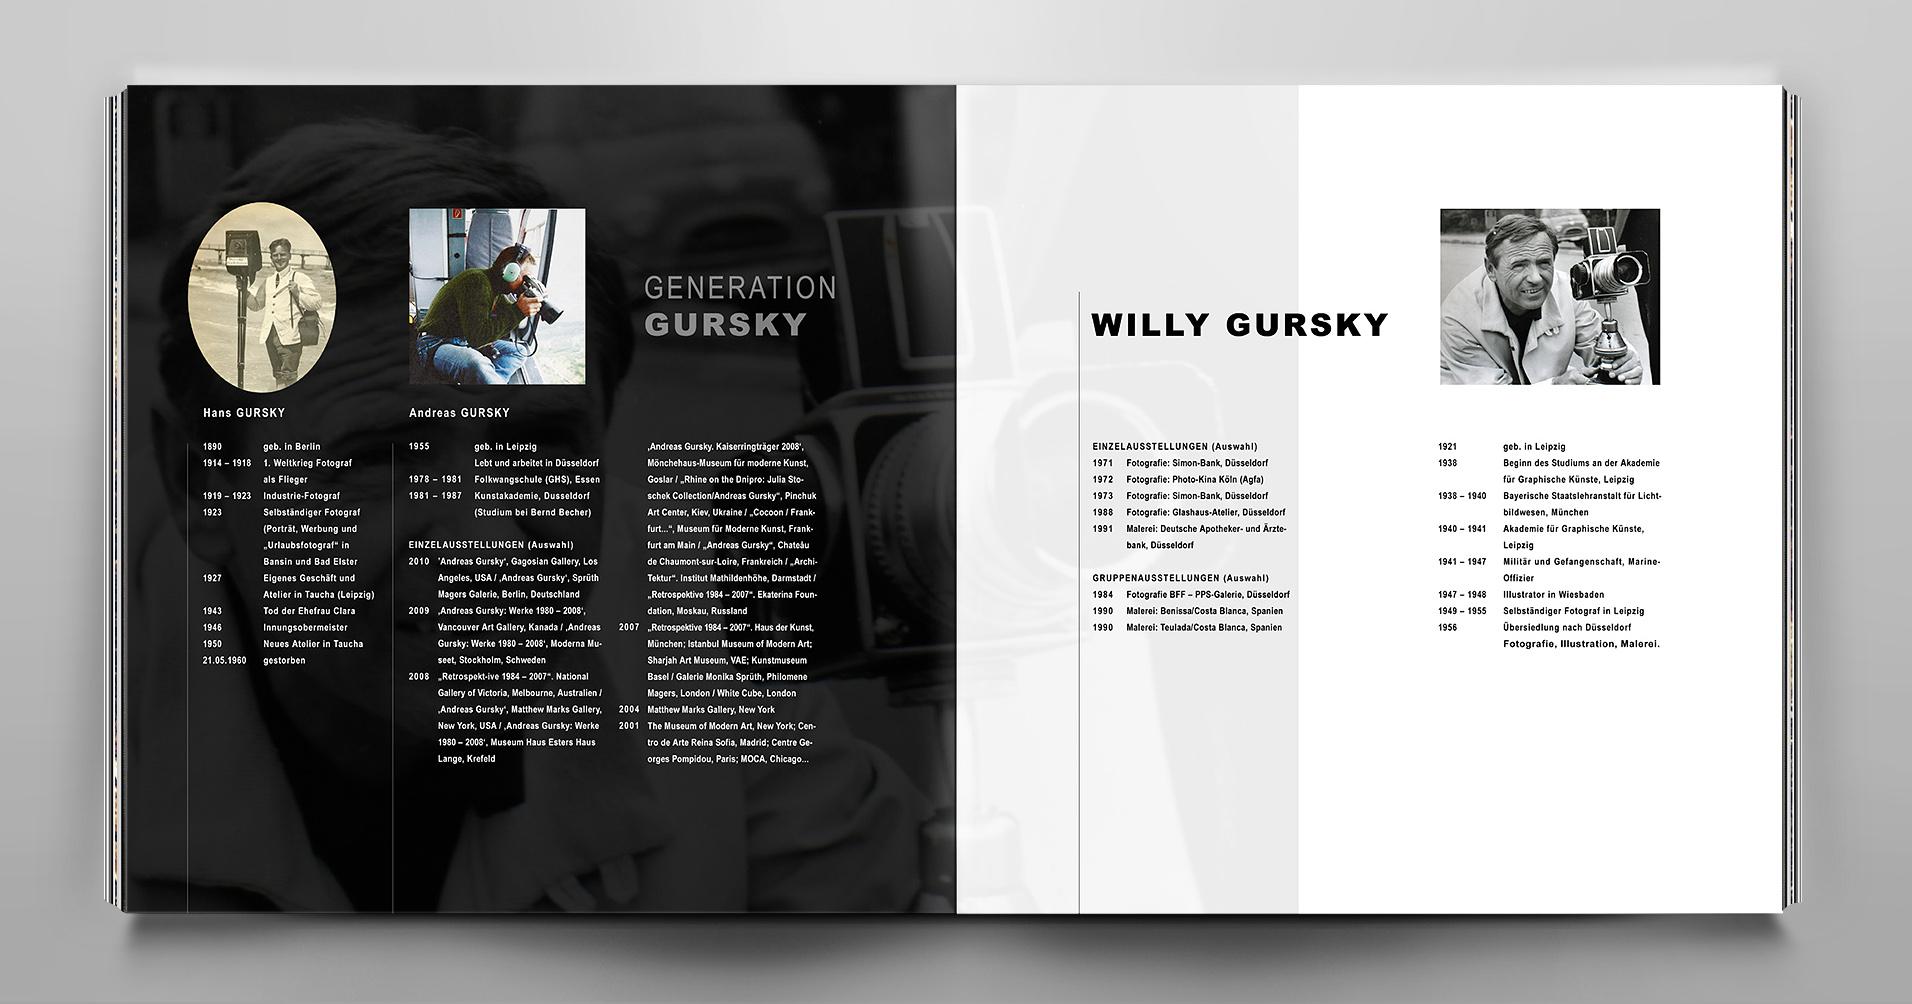 010-011-GURSKY